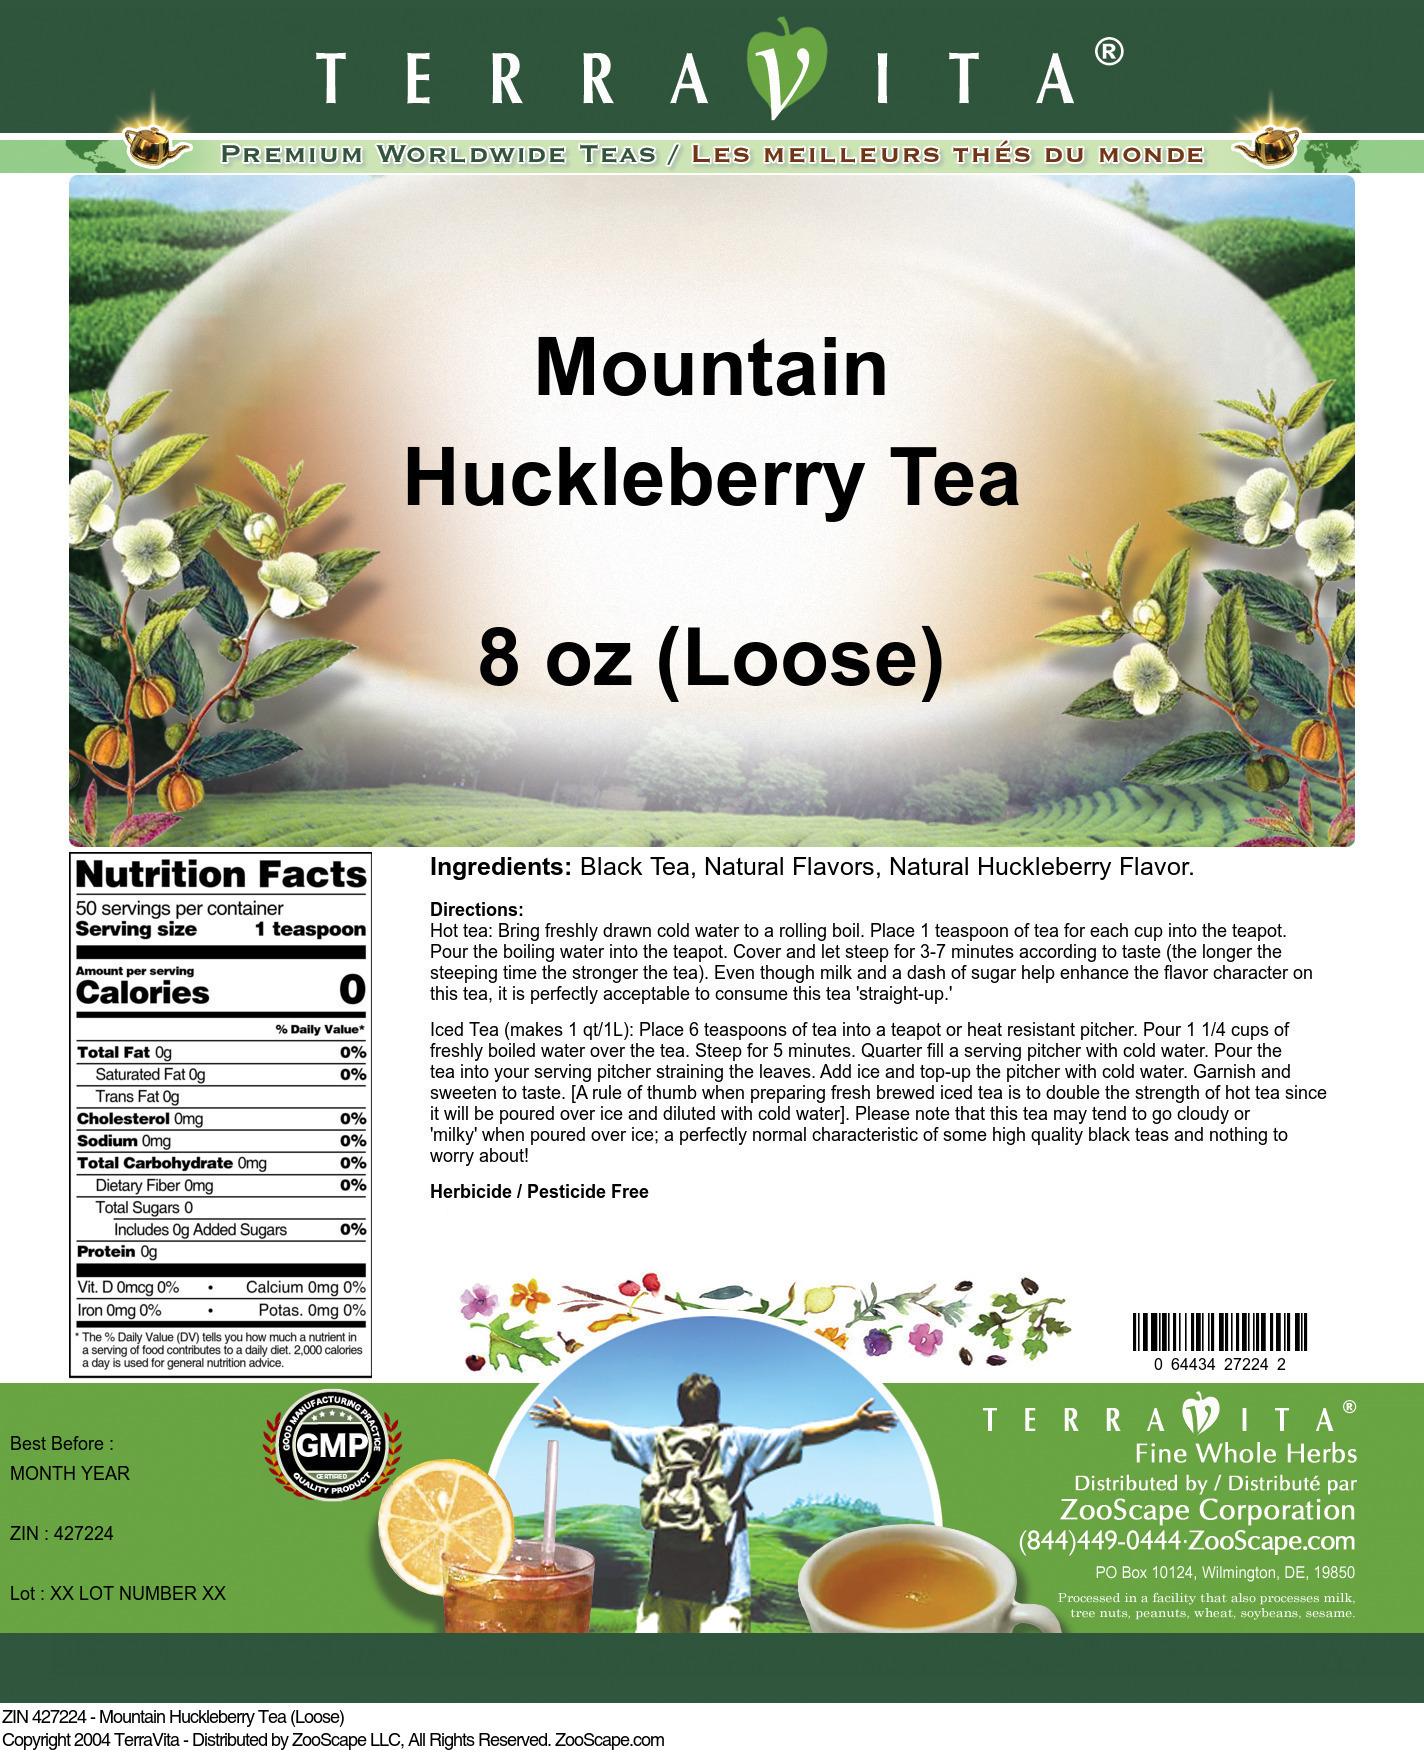 Mountain Huckleberry Tea (Loose)